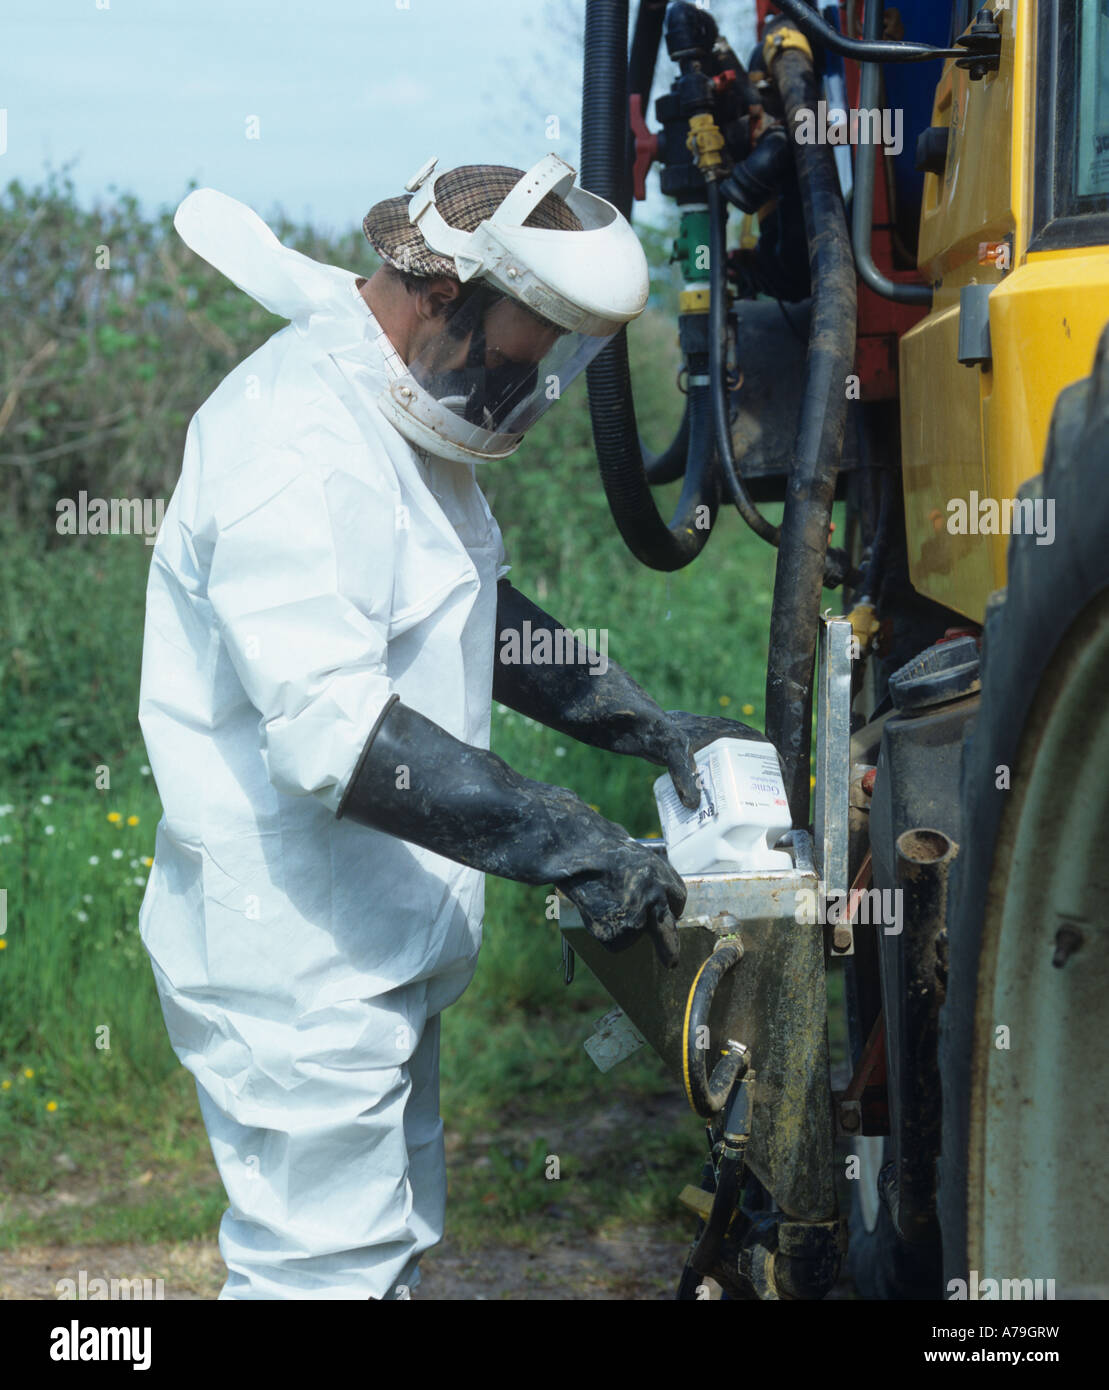 Conducteur de tracteur dans des vêtements de protection complets, l'ajout de produit chimique dans le réservoir Photo Stock